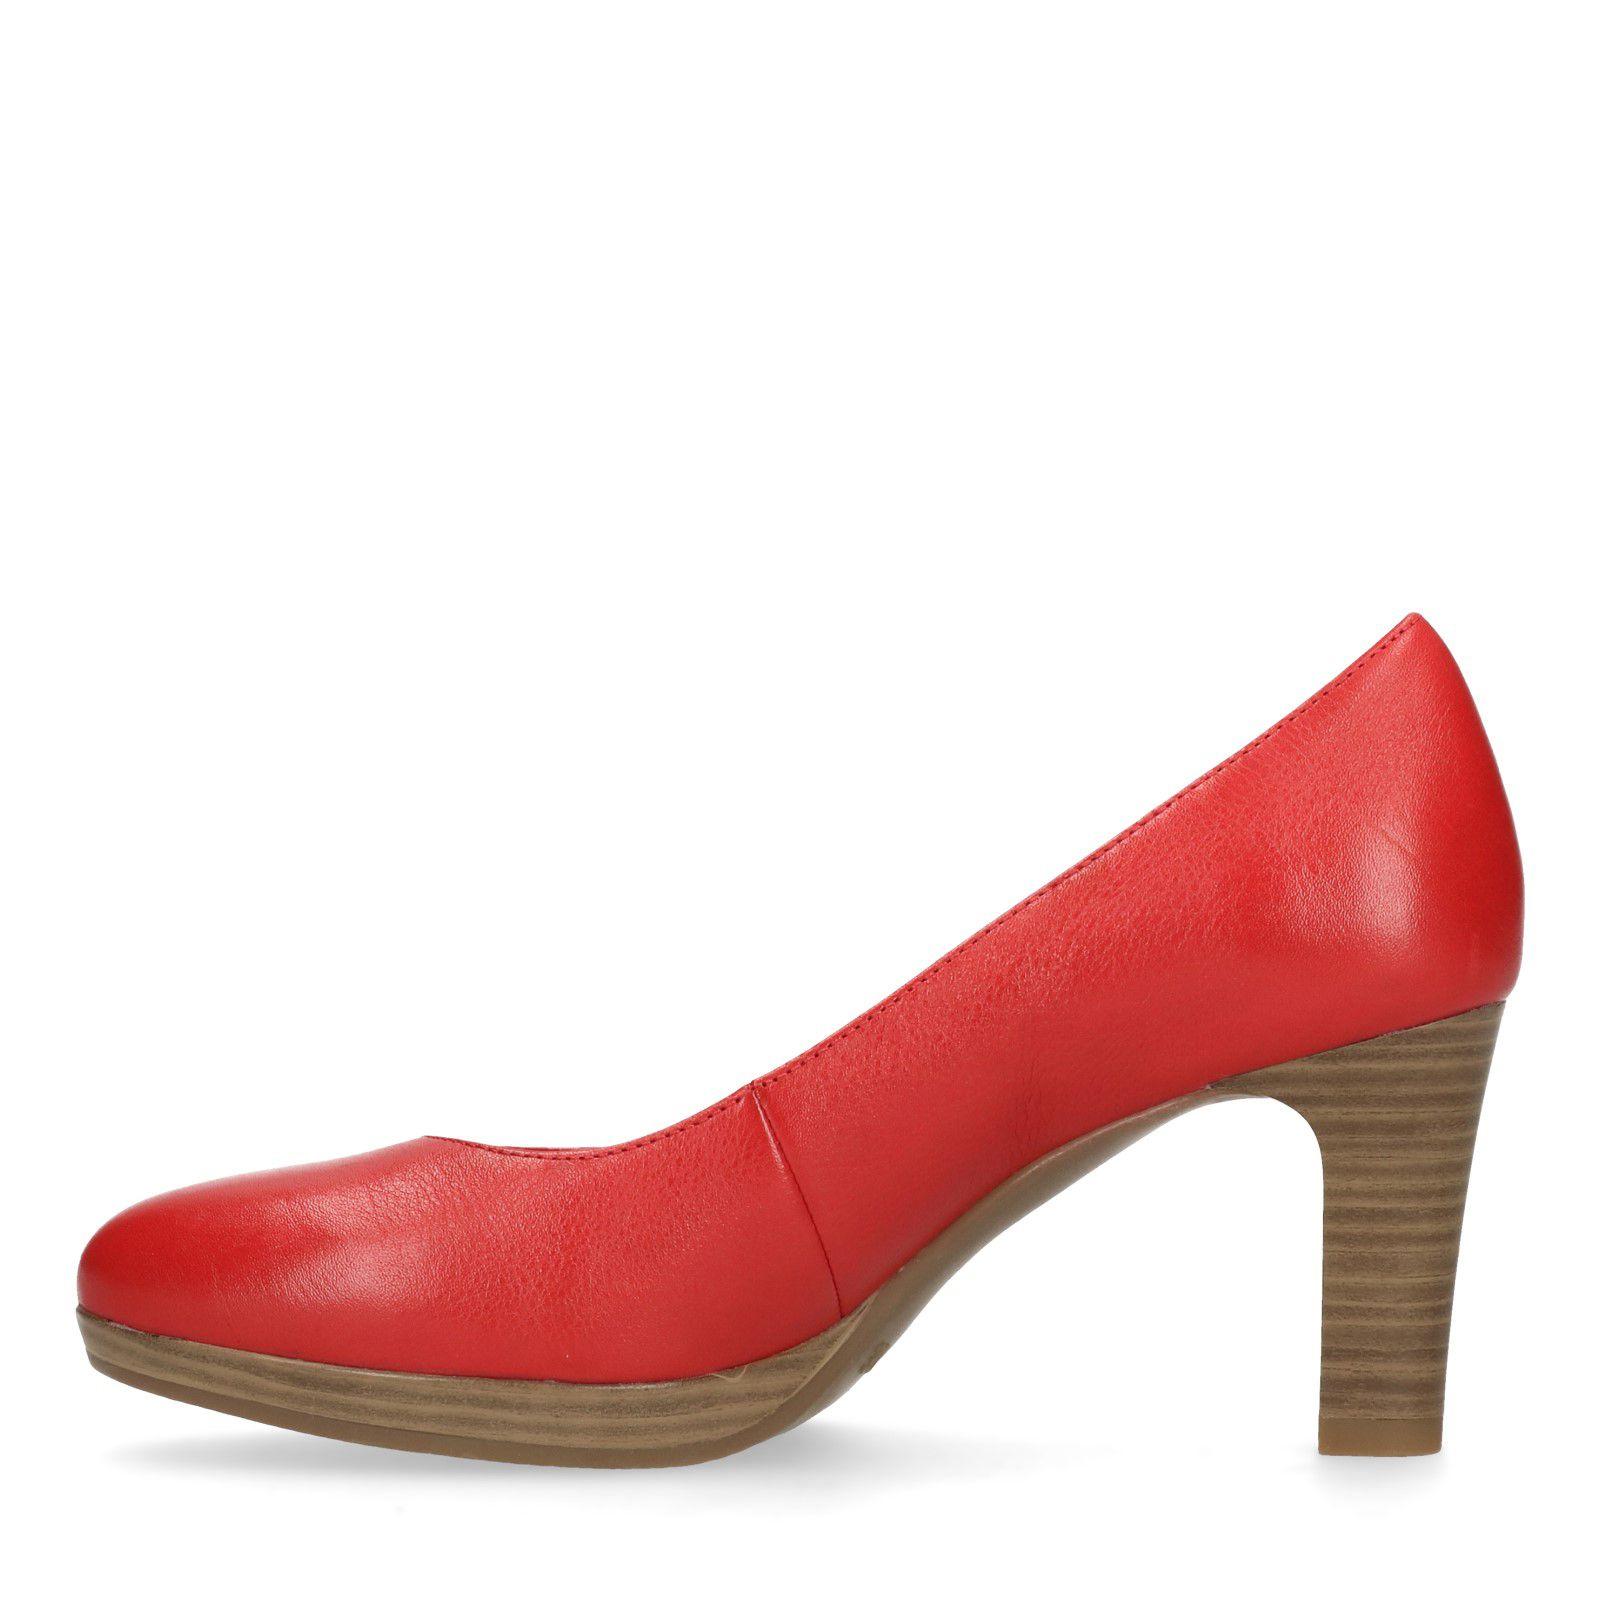 Spiksplinternieuw Leren pumps rood - Dames | MANFIELD ON-54